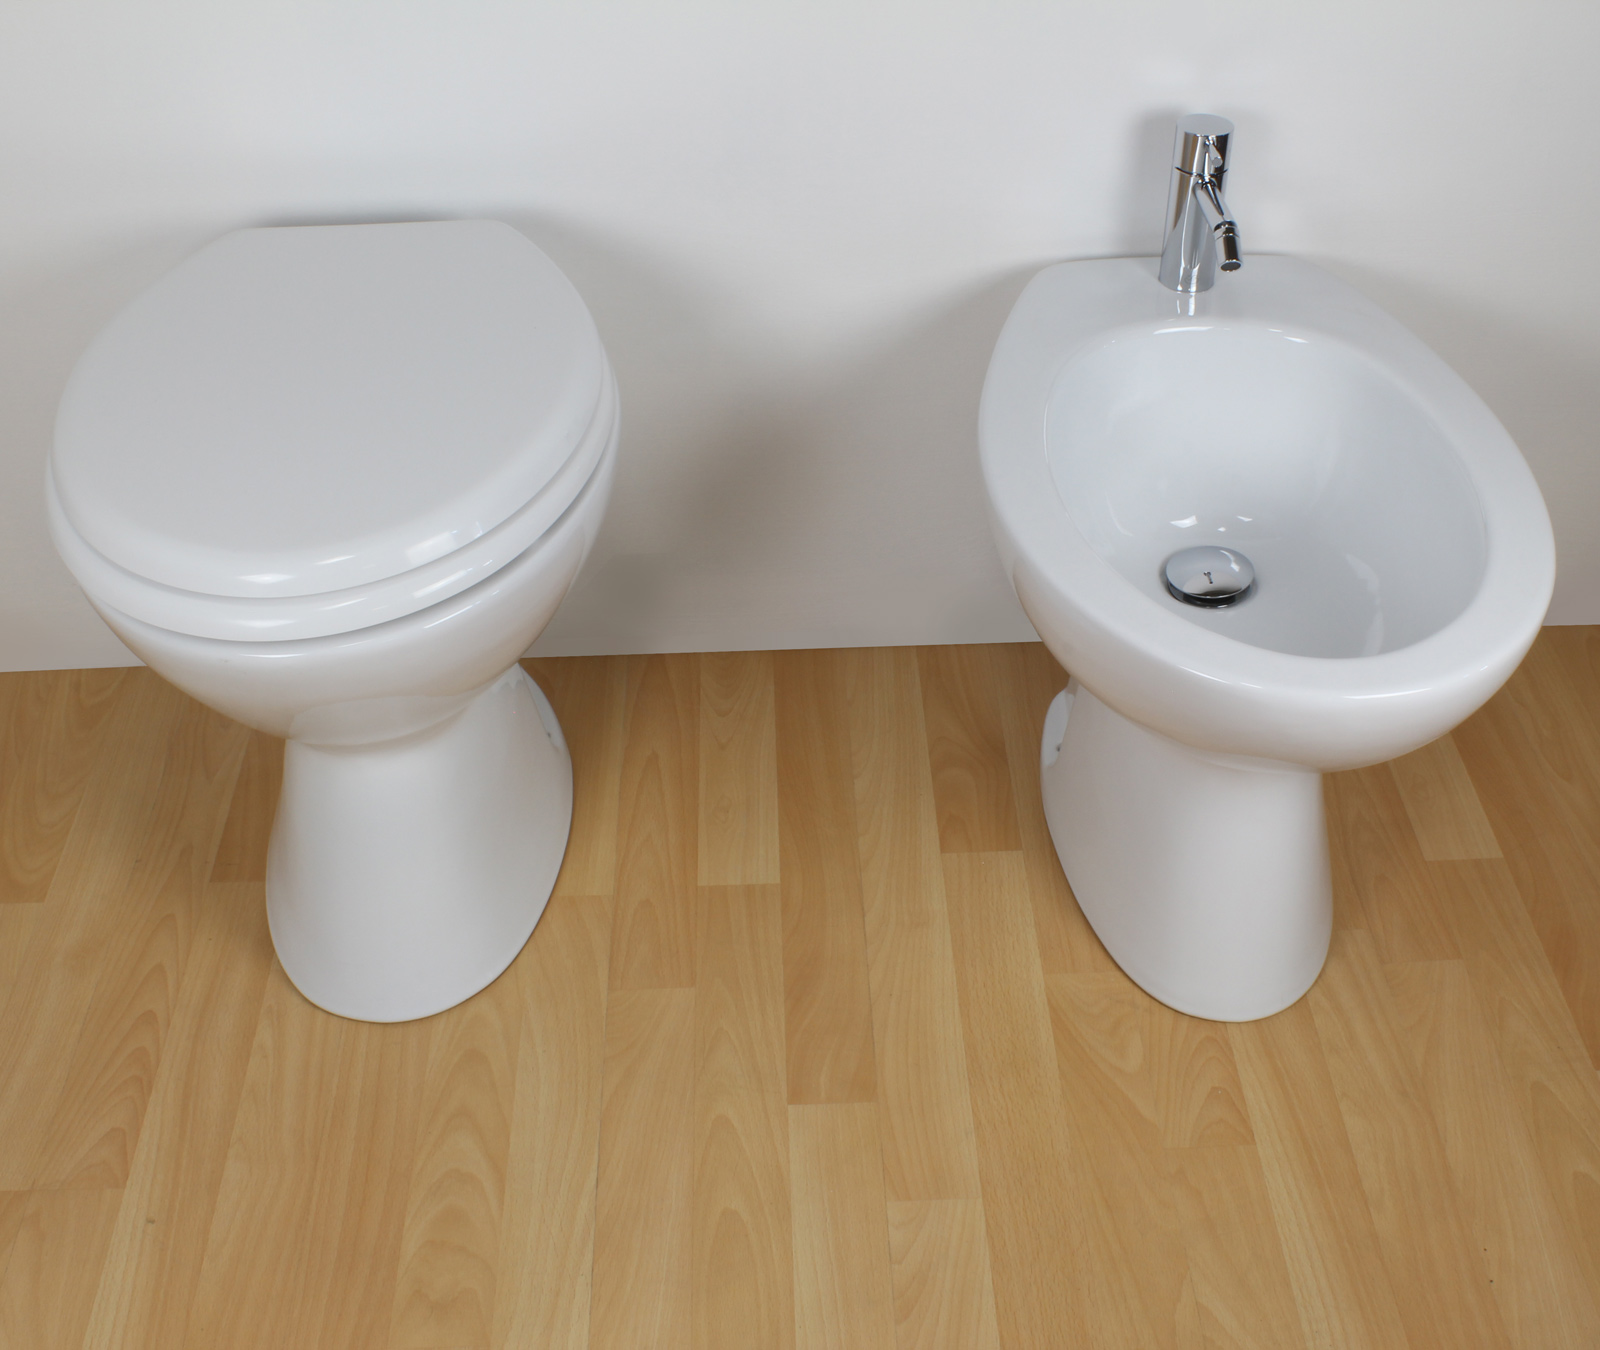 Sanitari bagno low cost iseo - Arredo bagno low cost ...